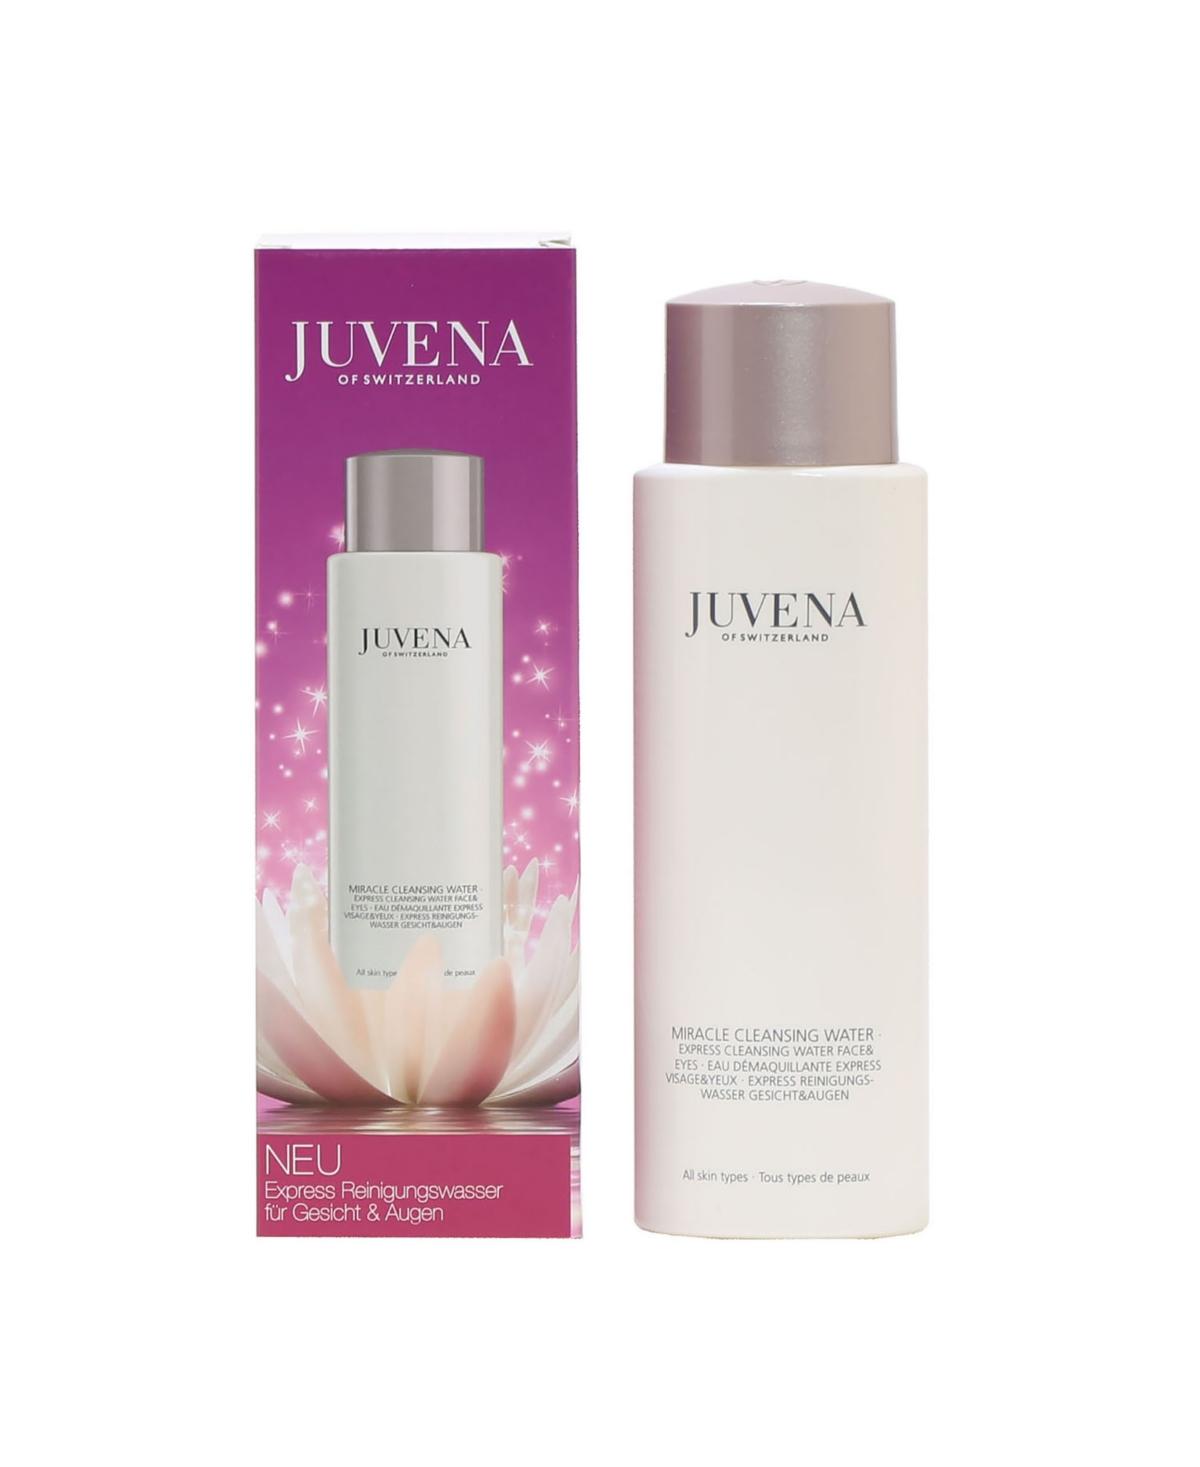 Juvena Miracle Cleansing Water, 6.7 oz